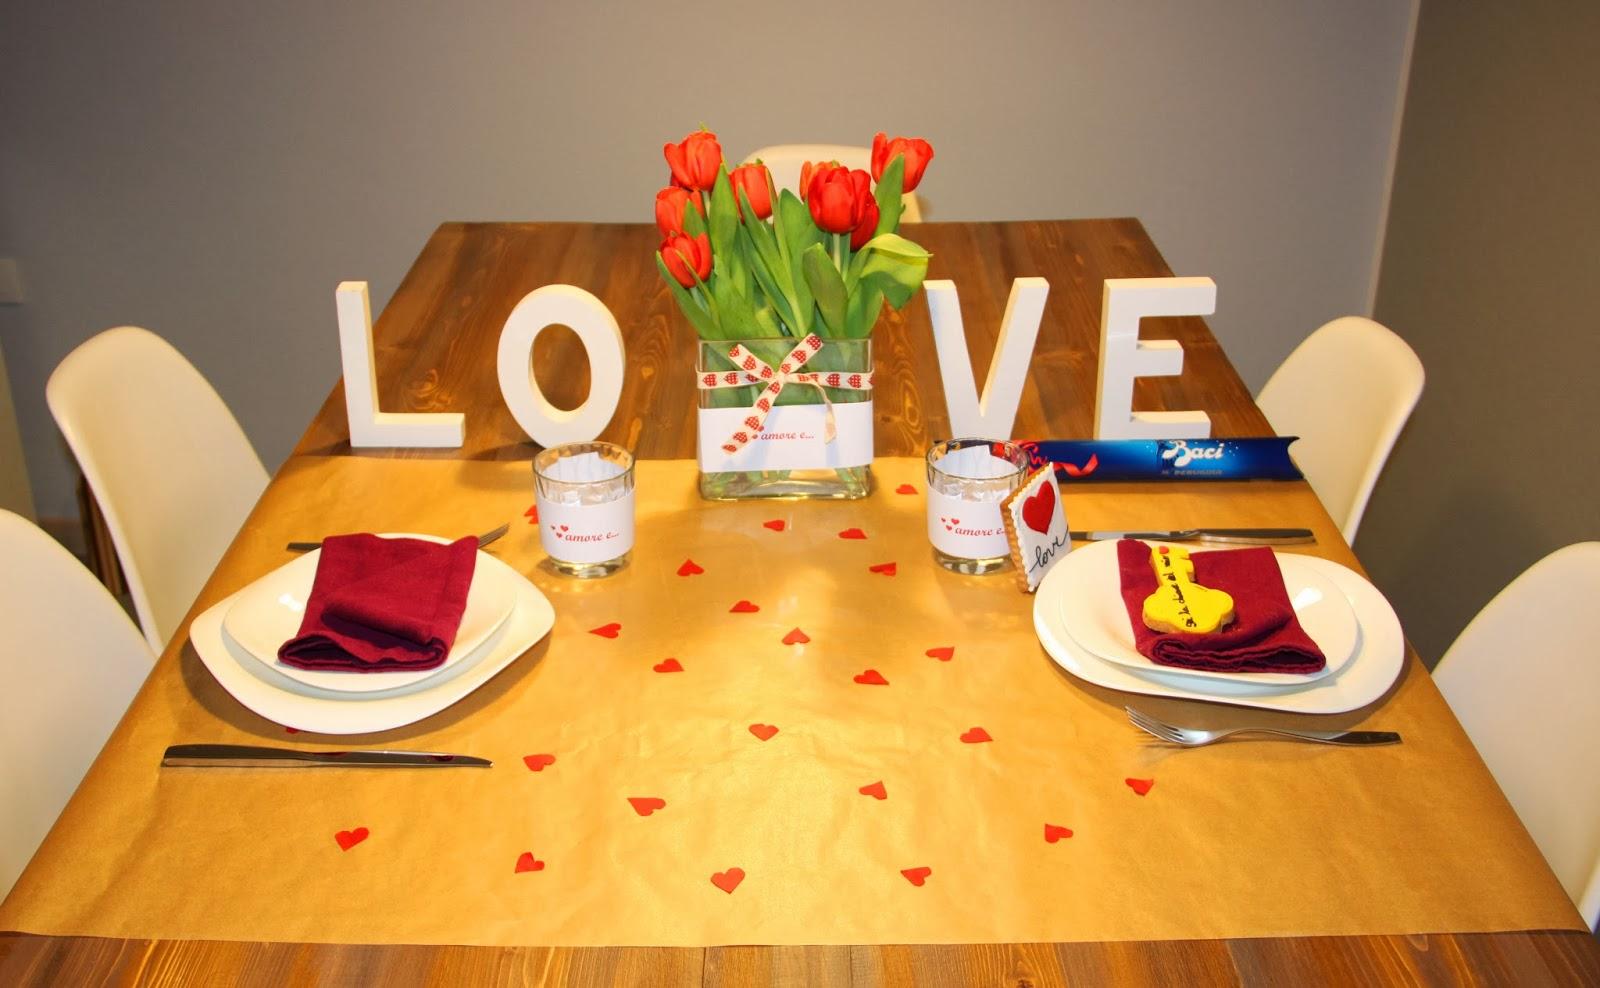 apparecchiare tavola cena romantica san valentino